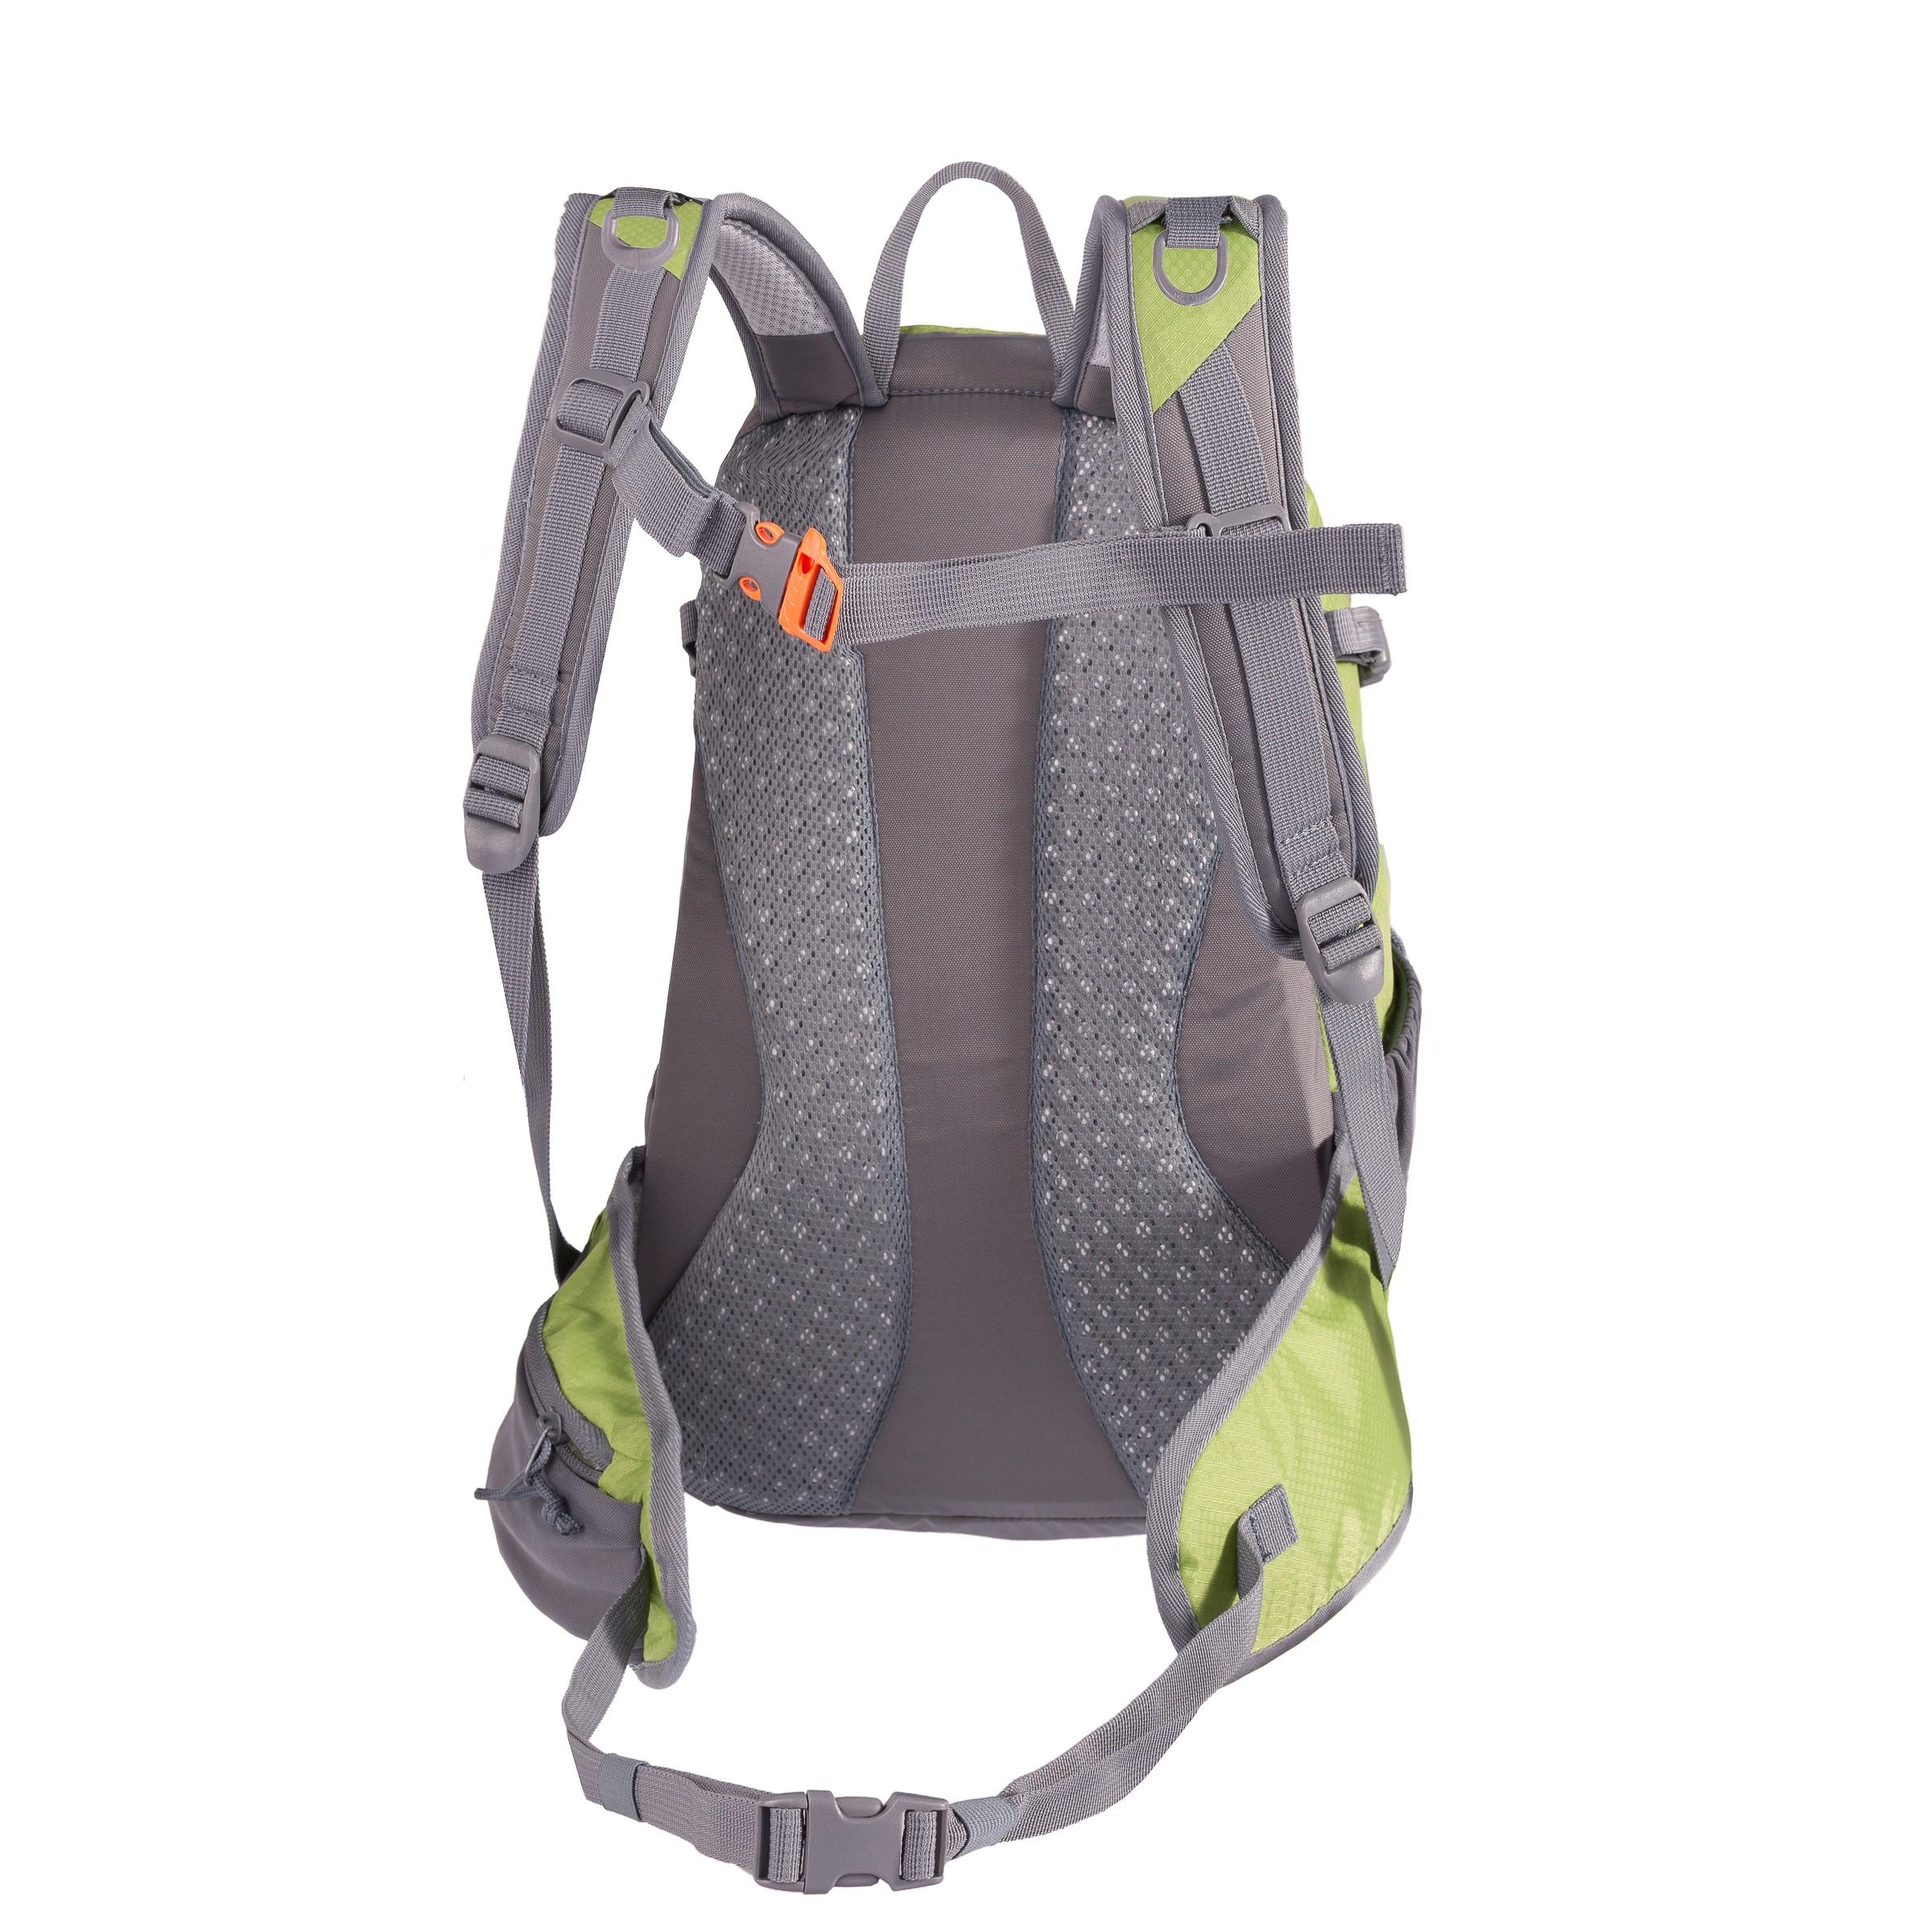 5b25d48e0f321 Plecak RAGO 18 spring power black - Paker - Tylko Sprawdzony Sprzęt  Turystyczny